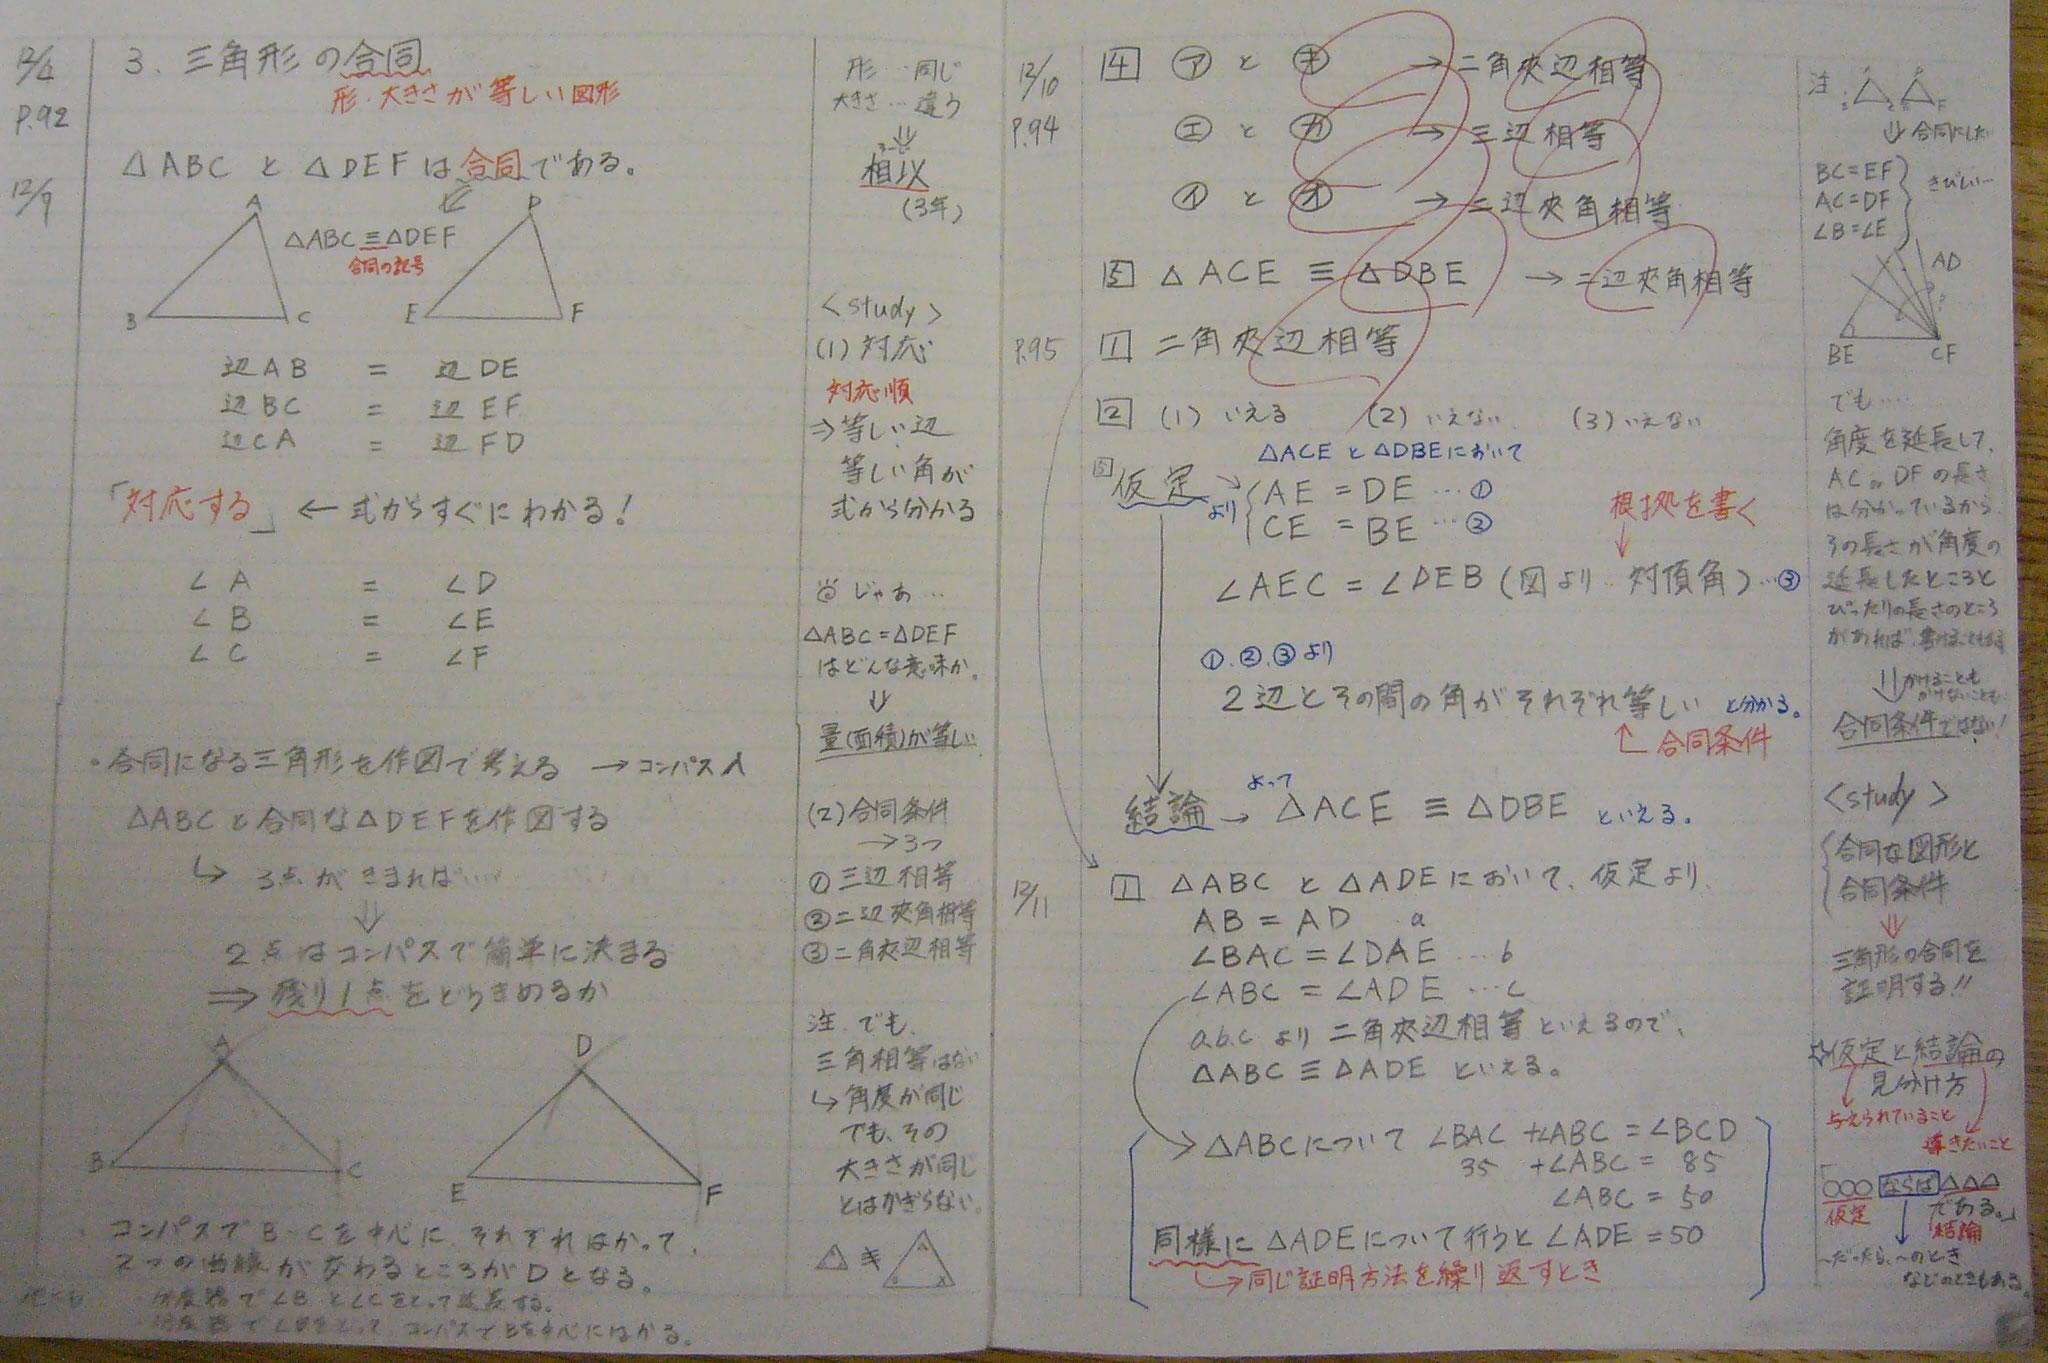 授業実践記録(数学) : 数学 関数 問題 : 数学